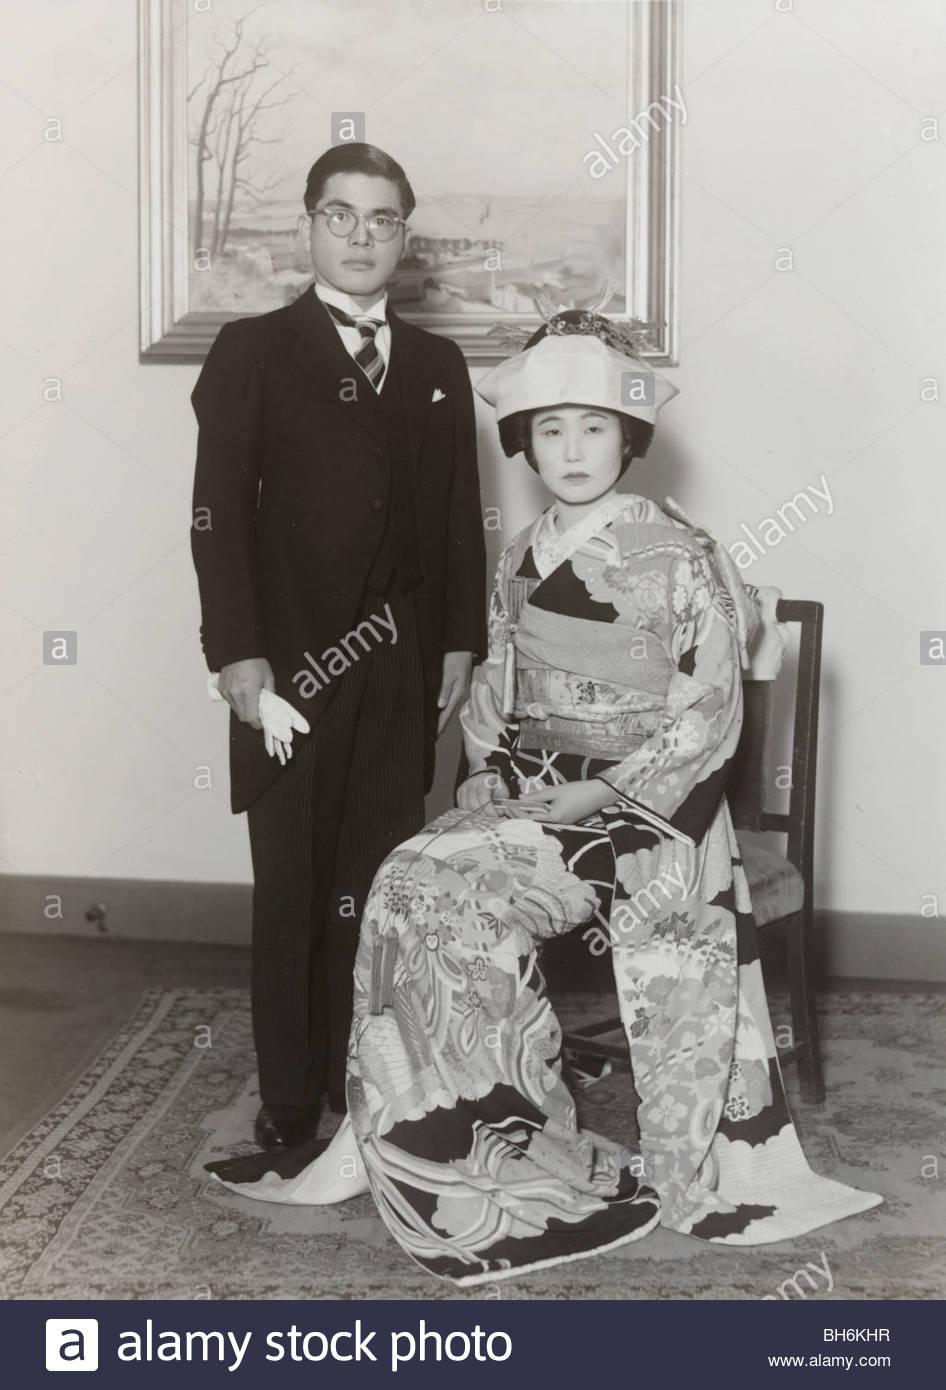 Hochzeit mit Mann im westlichen Stil Kleidung Japan 1960er Jahre ...